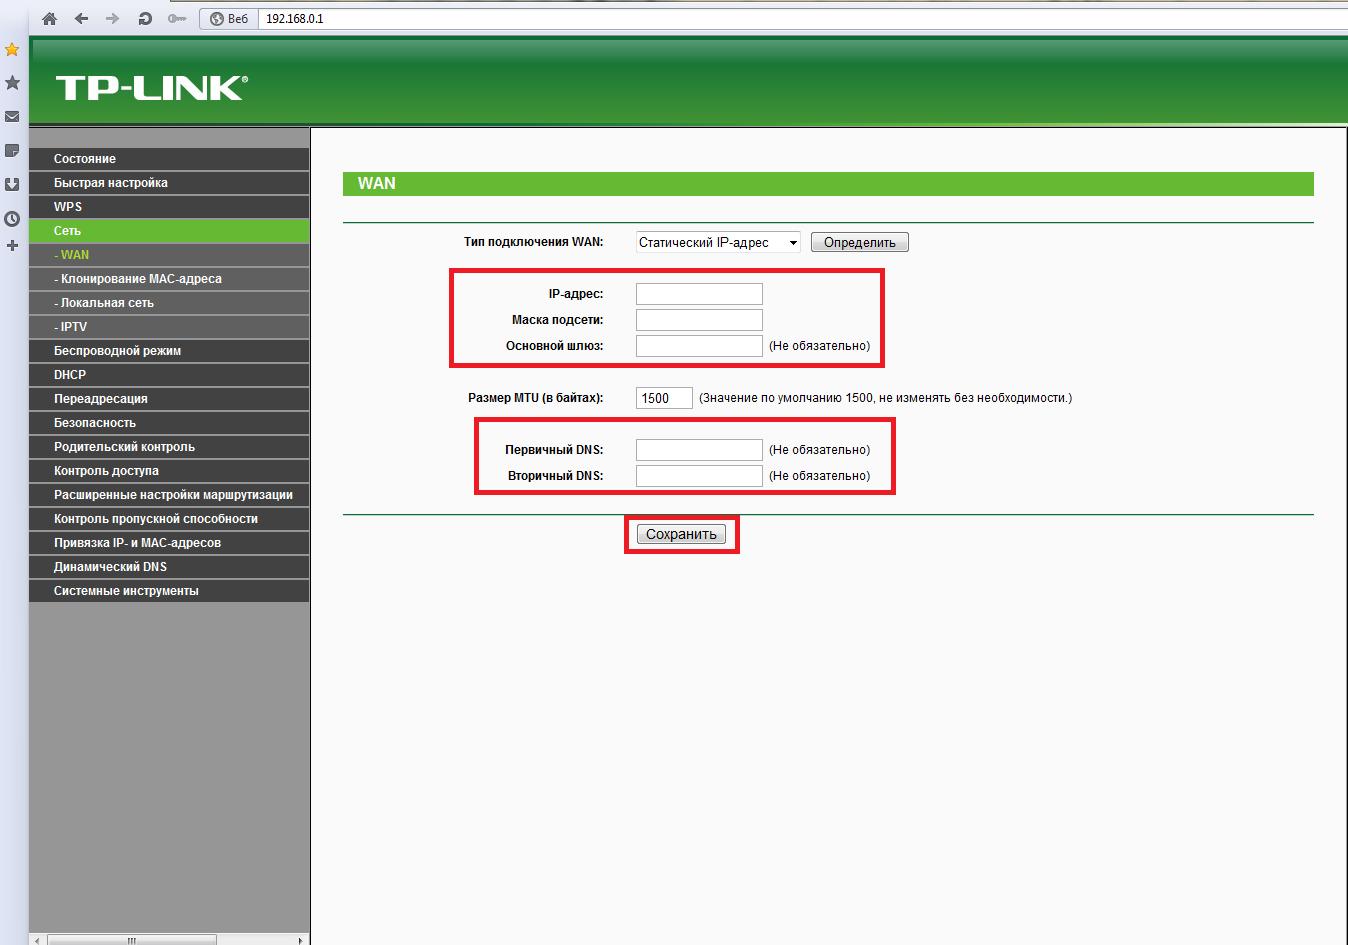 nastroika tp link tl wr740n-Состояние-Static IP